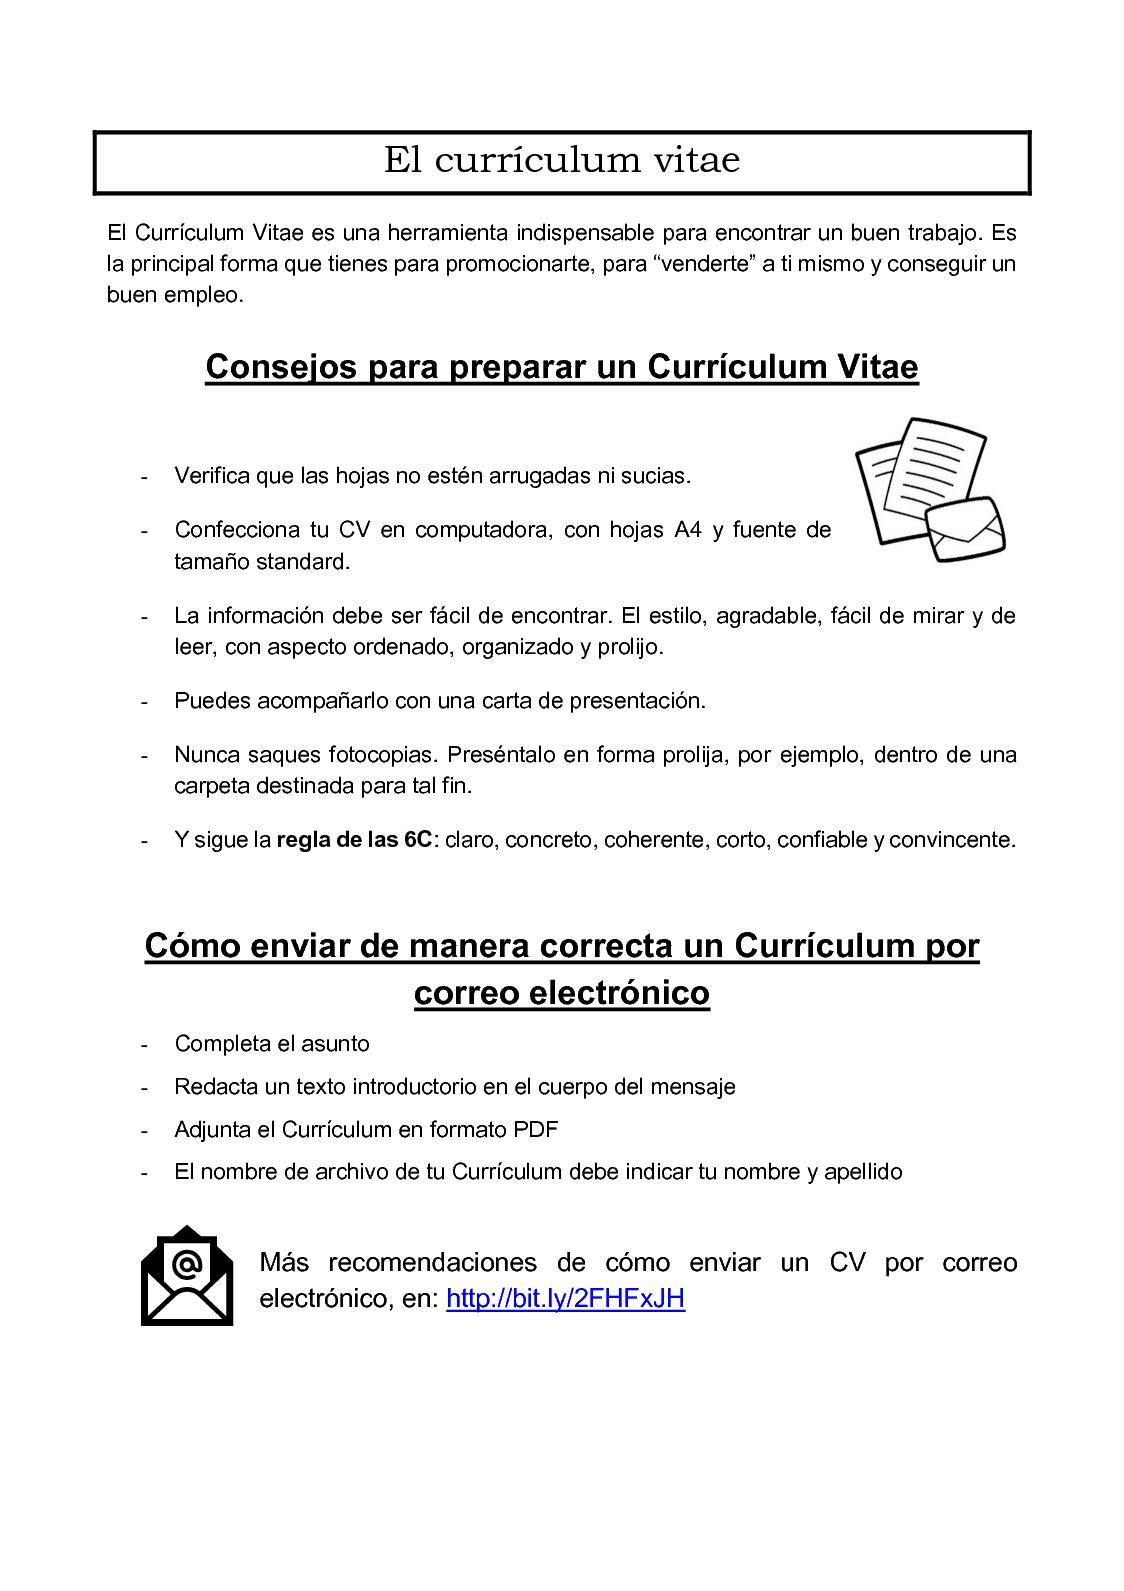 carta de presentacion cv